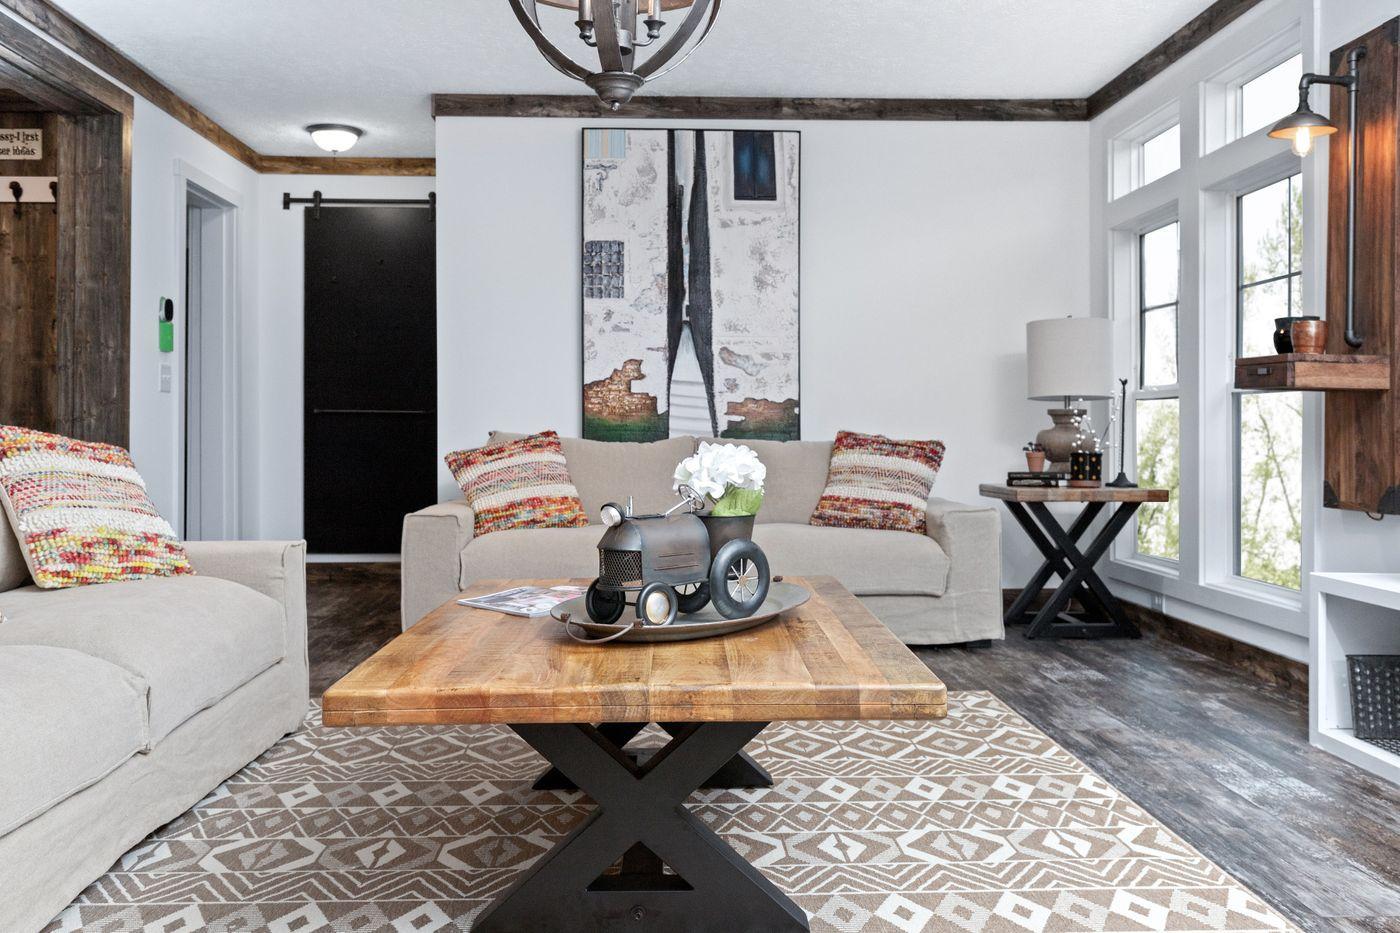 Sumner Living Room